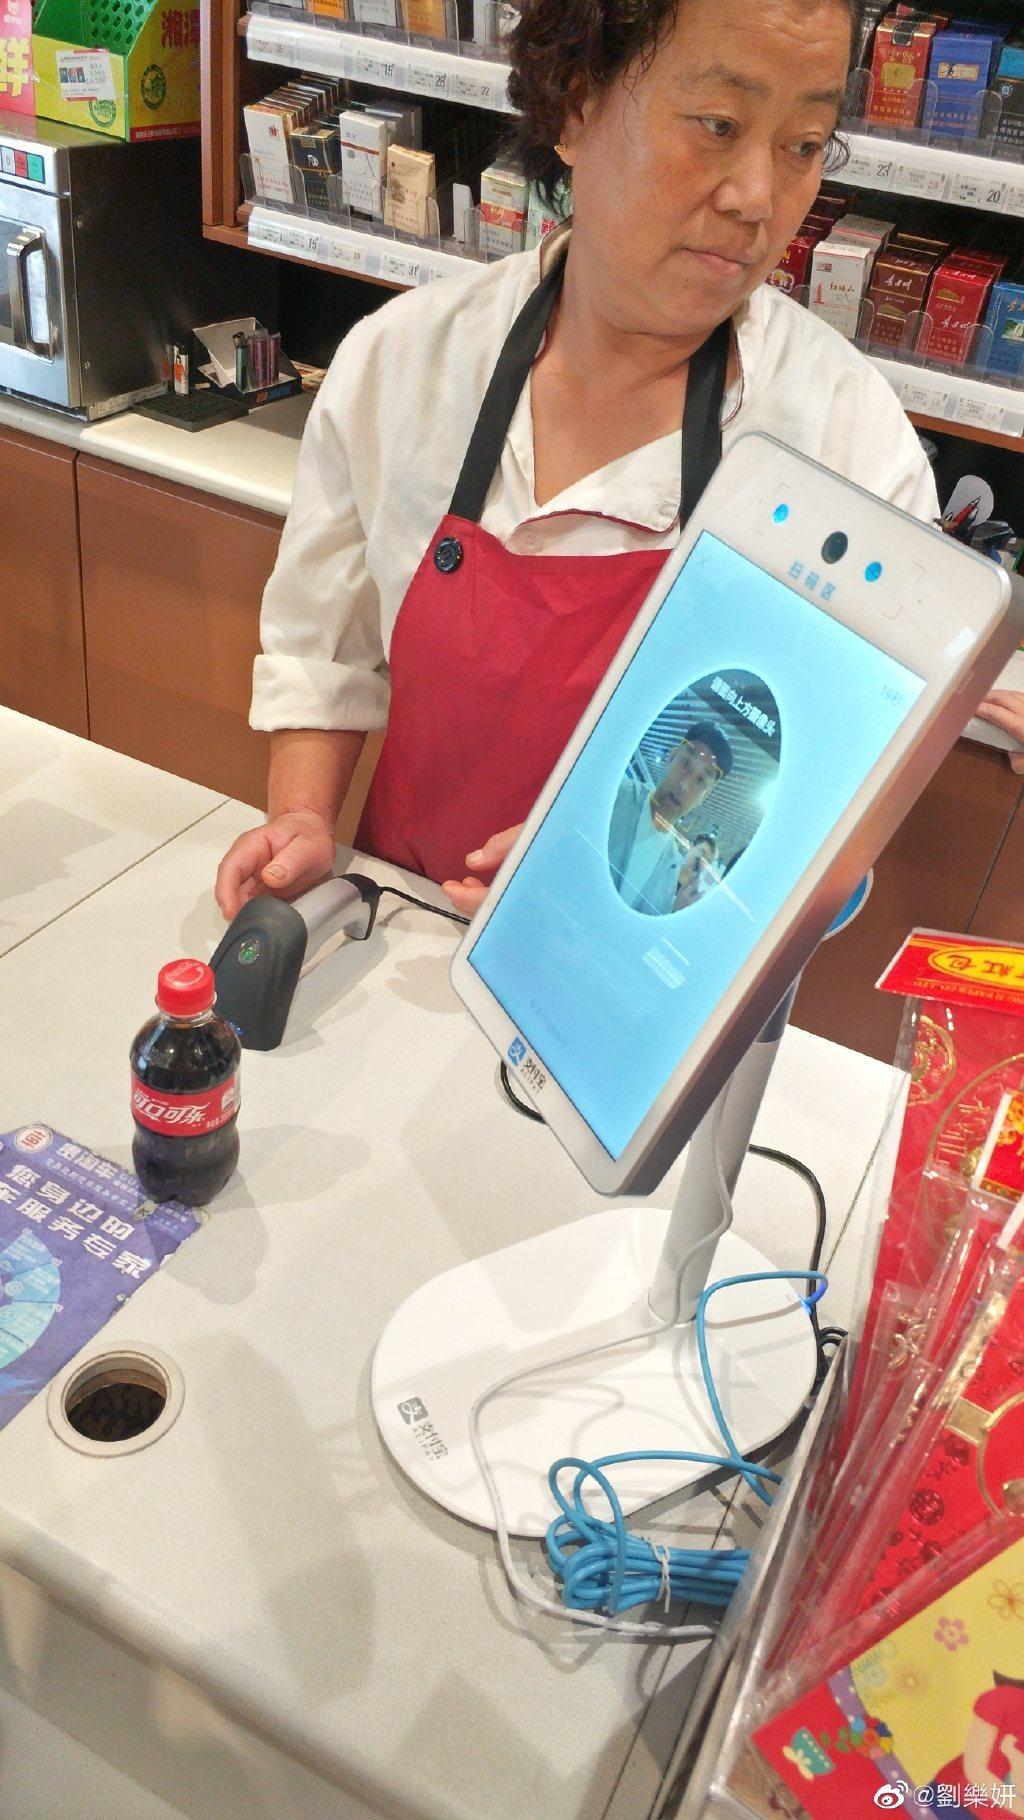 劉樂妍在貴州買東西,可以使用人臉支付。 圖/擷自劉樂妍微博